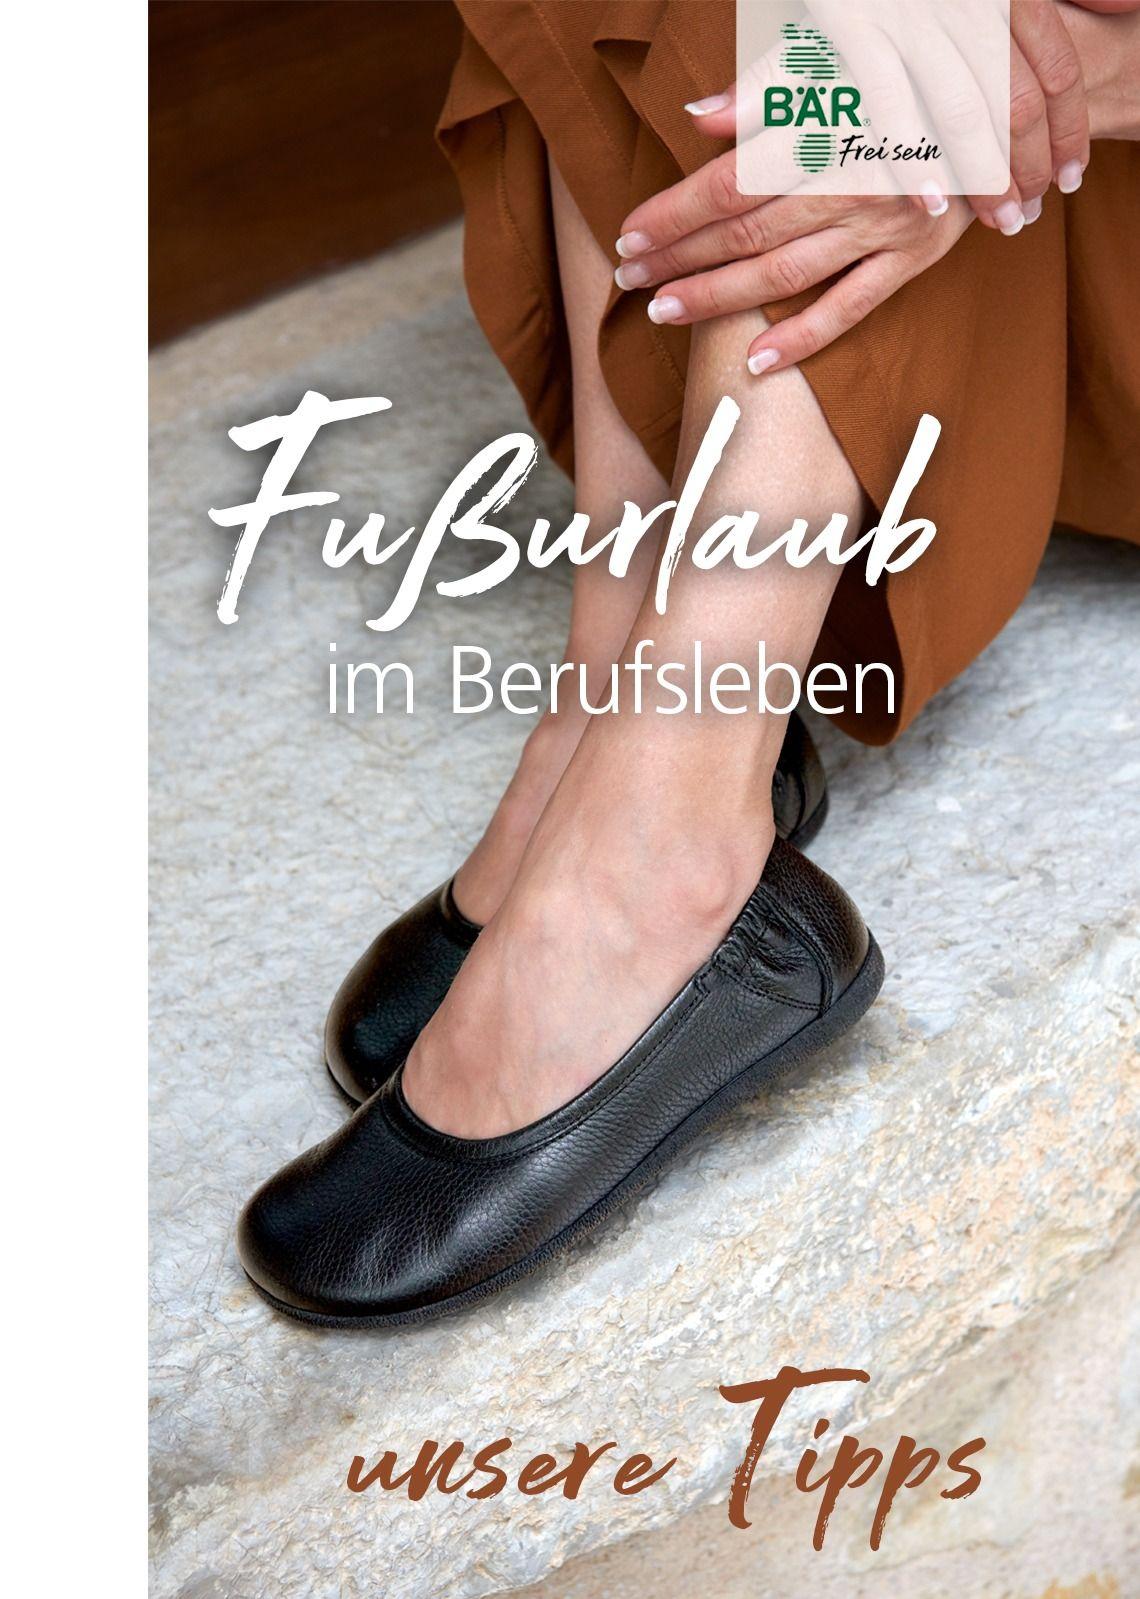 Fußurlaub Geschäftsleben Arbeit Business Tipps Gemütlich Bequem Schuhe Zehenfreiheit Business Schuhe Damen Business Schuhe Bär Schuhe